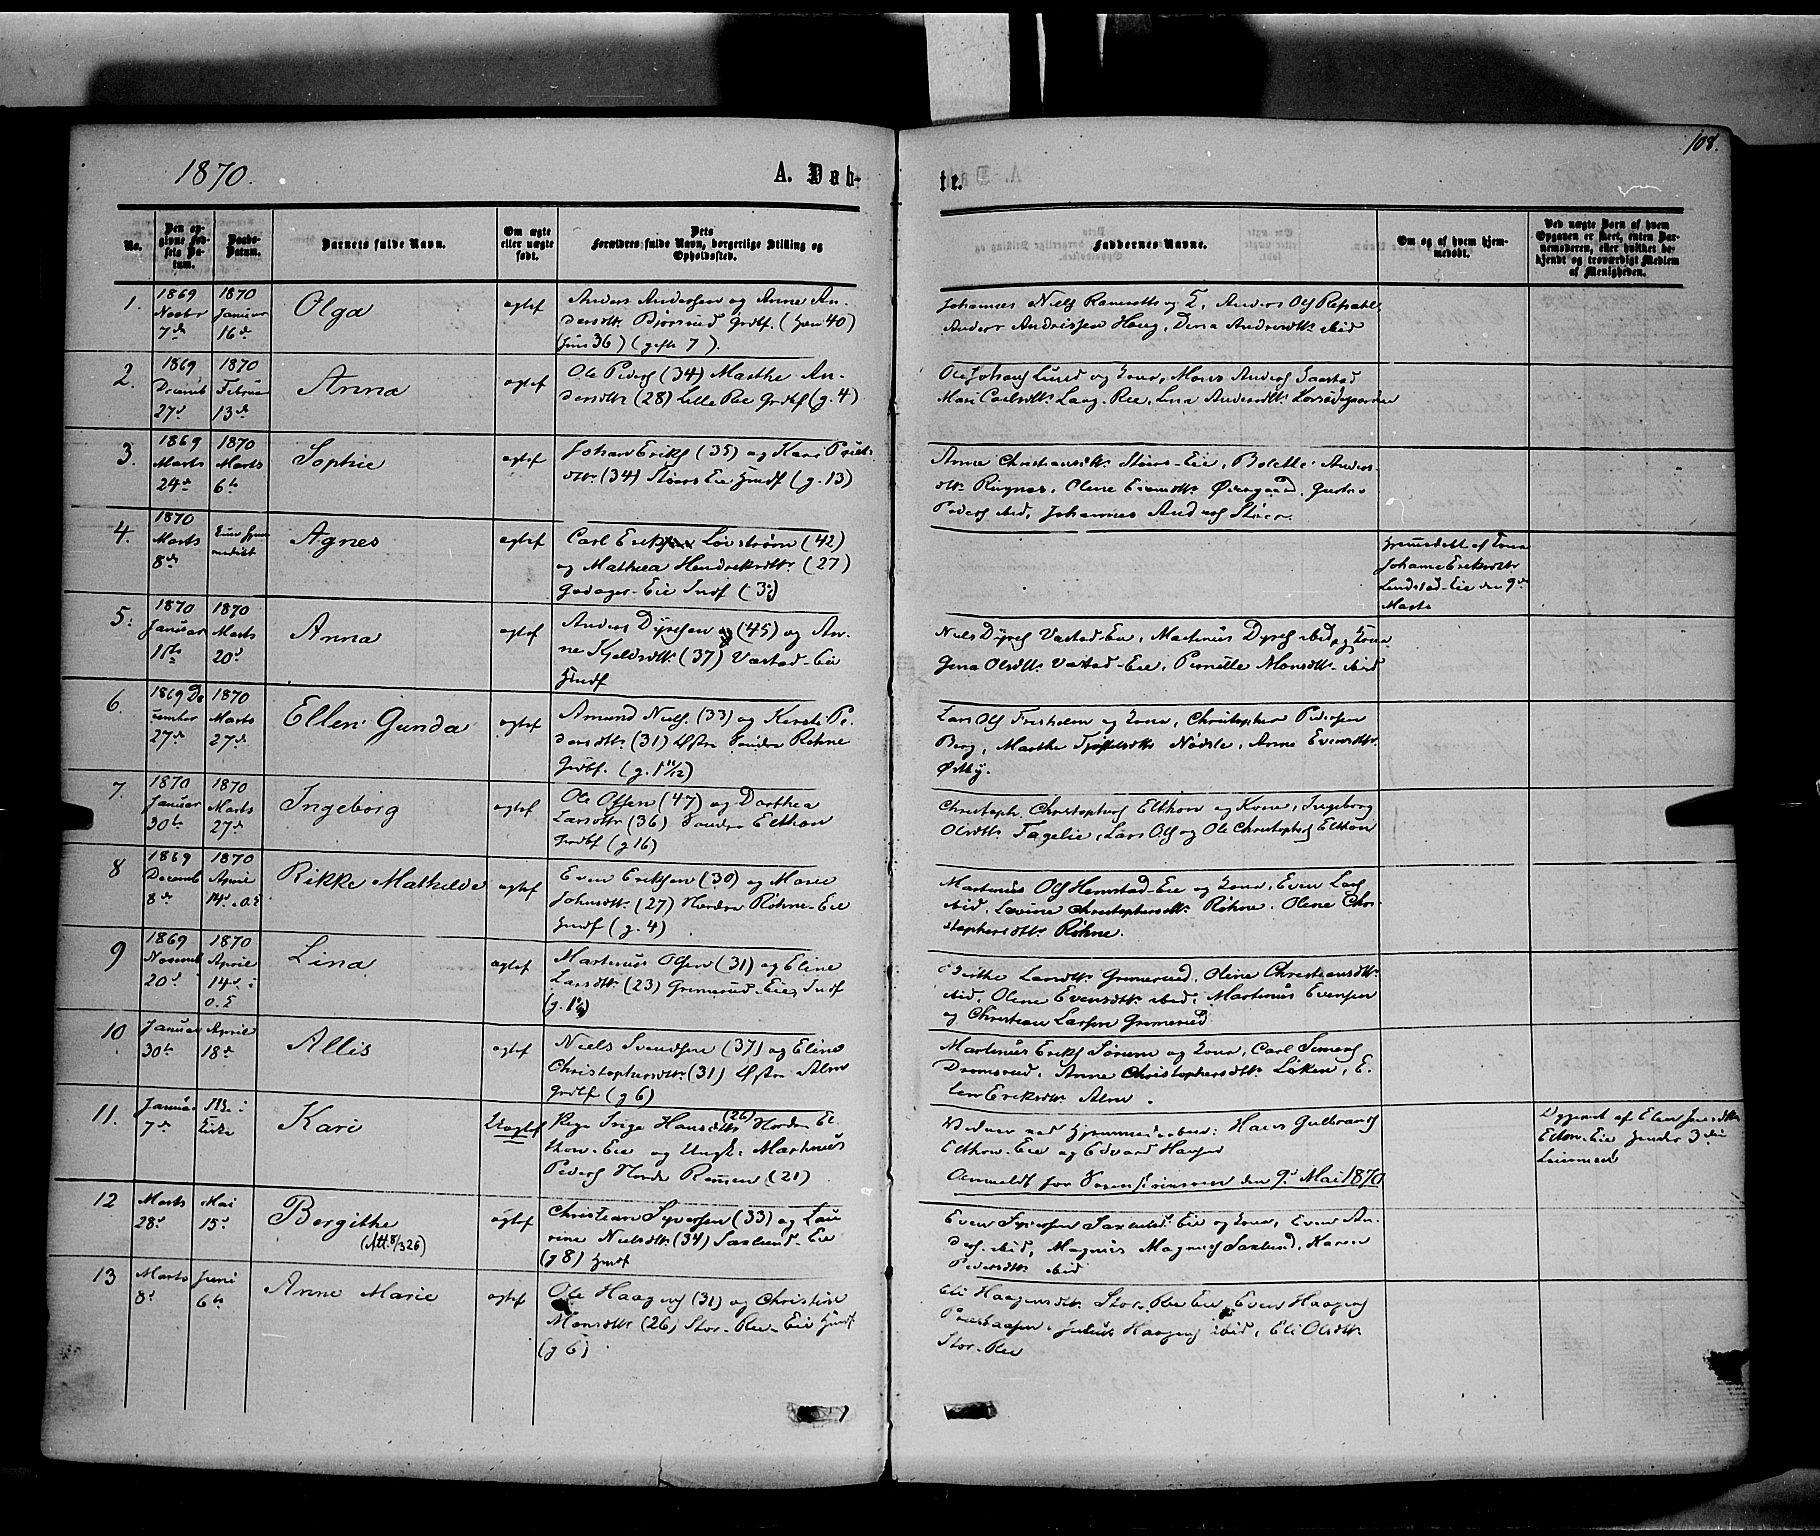 SAH, Stange prestekontor, K/L0013: Parish register (official) no. 13, 1862-1879, p. 108